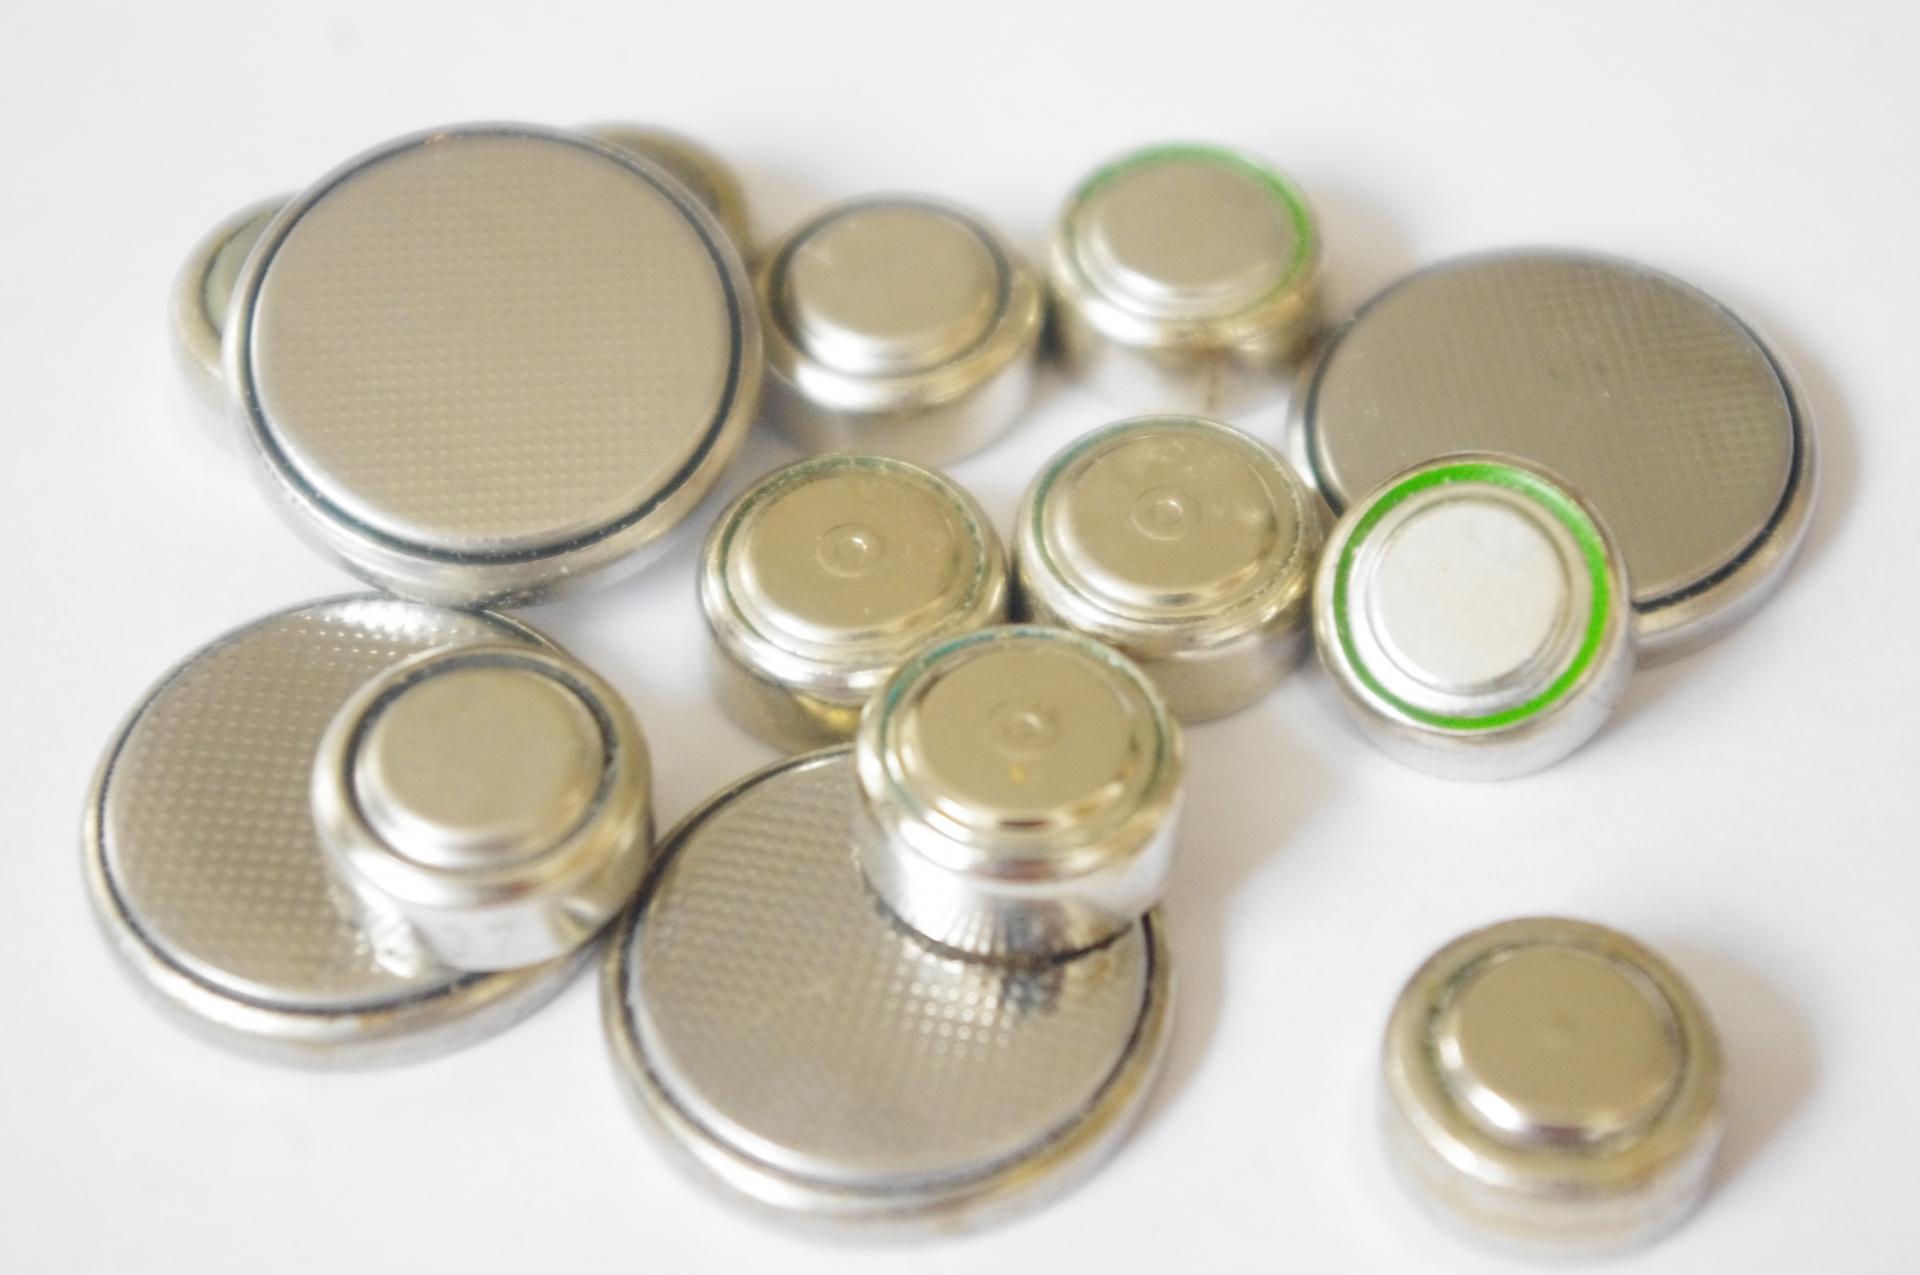 【小児科医が解説】子どもがボタン電池誤飲してしまった時の症状、対処法